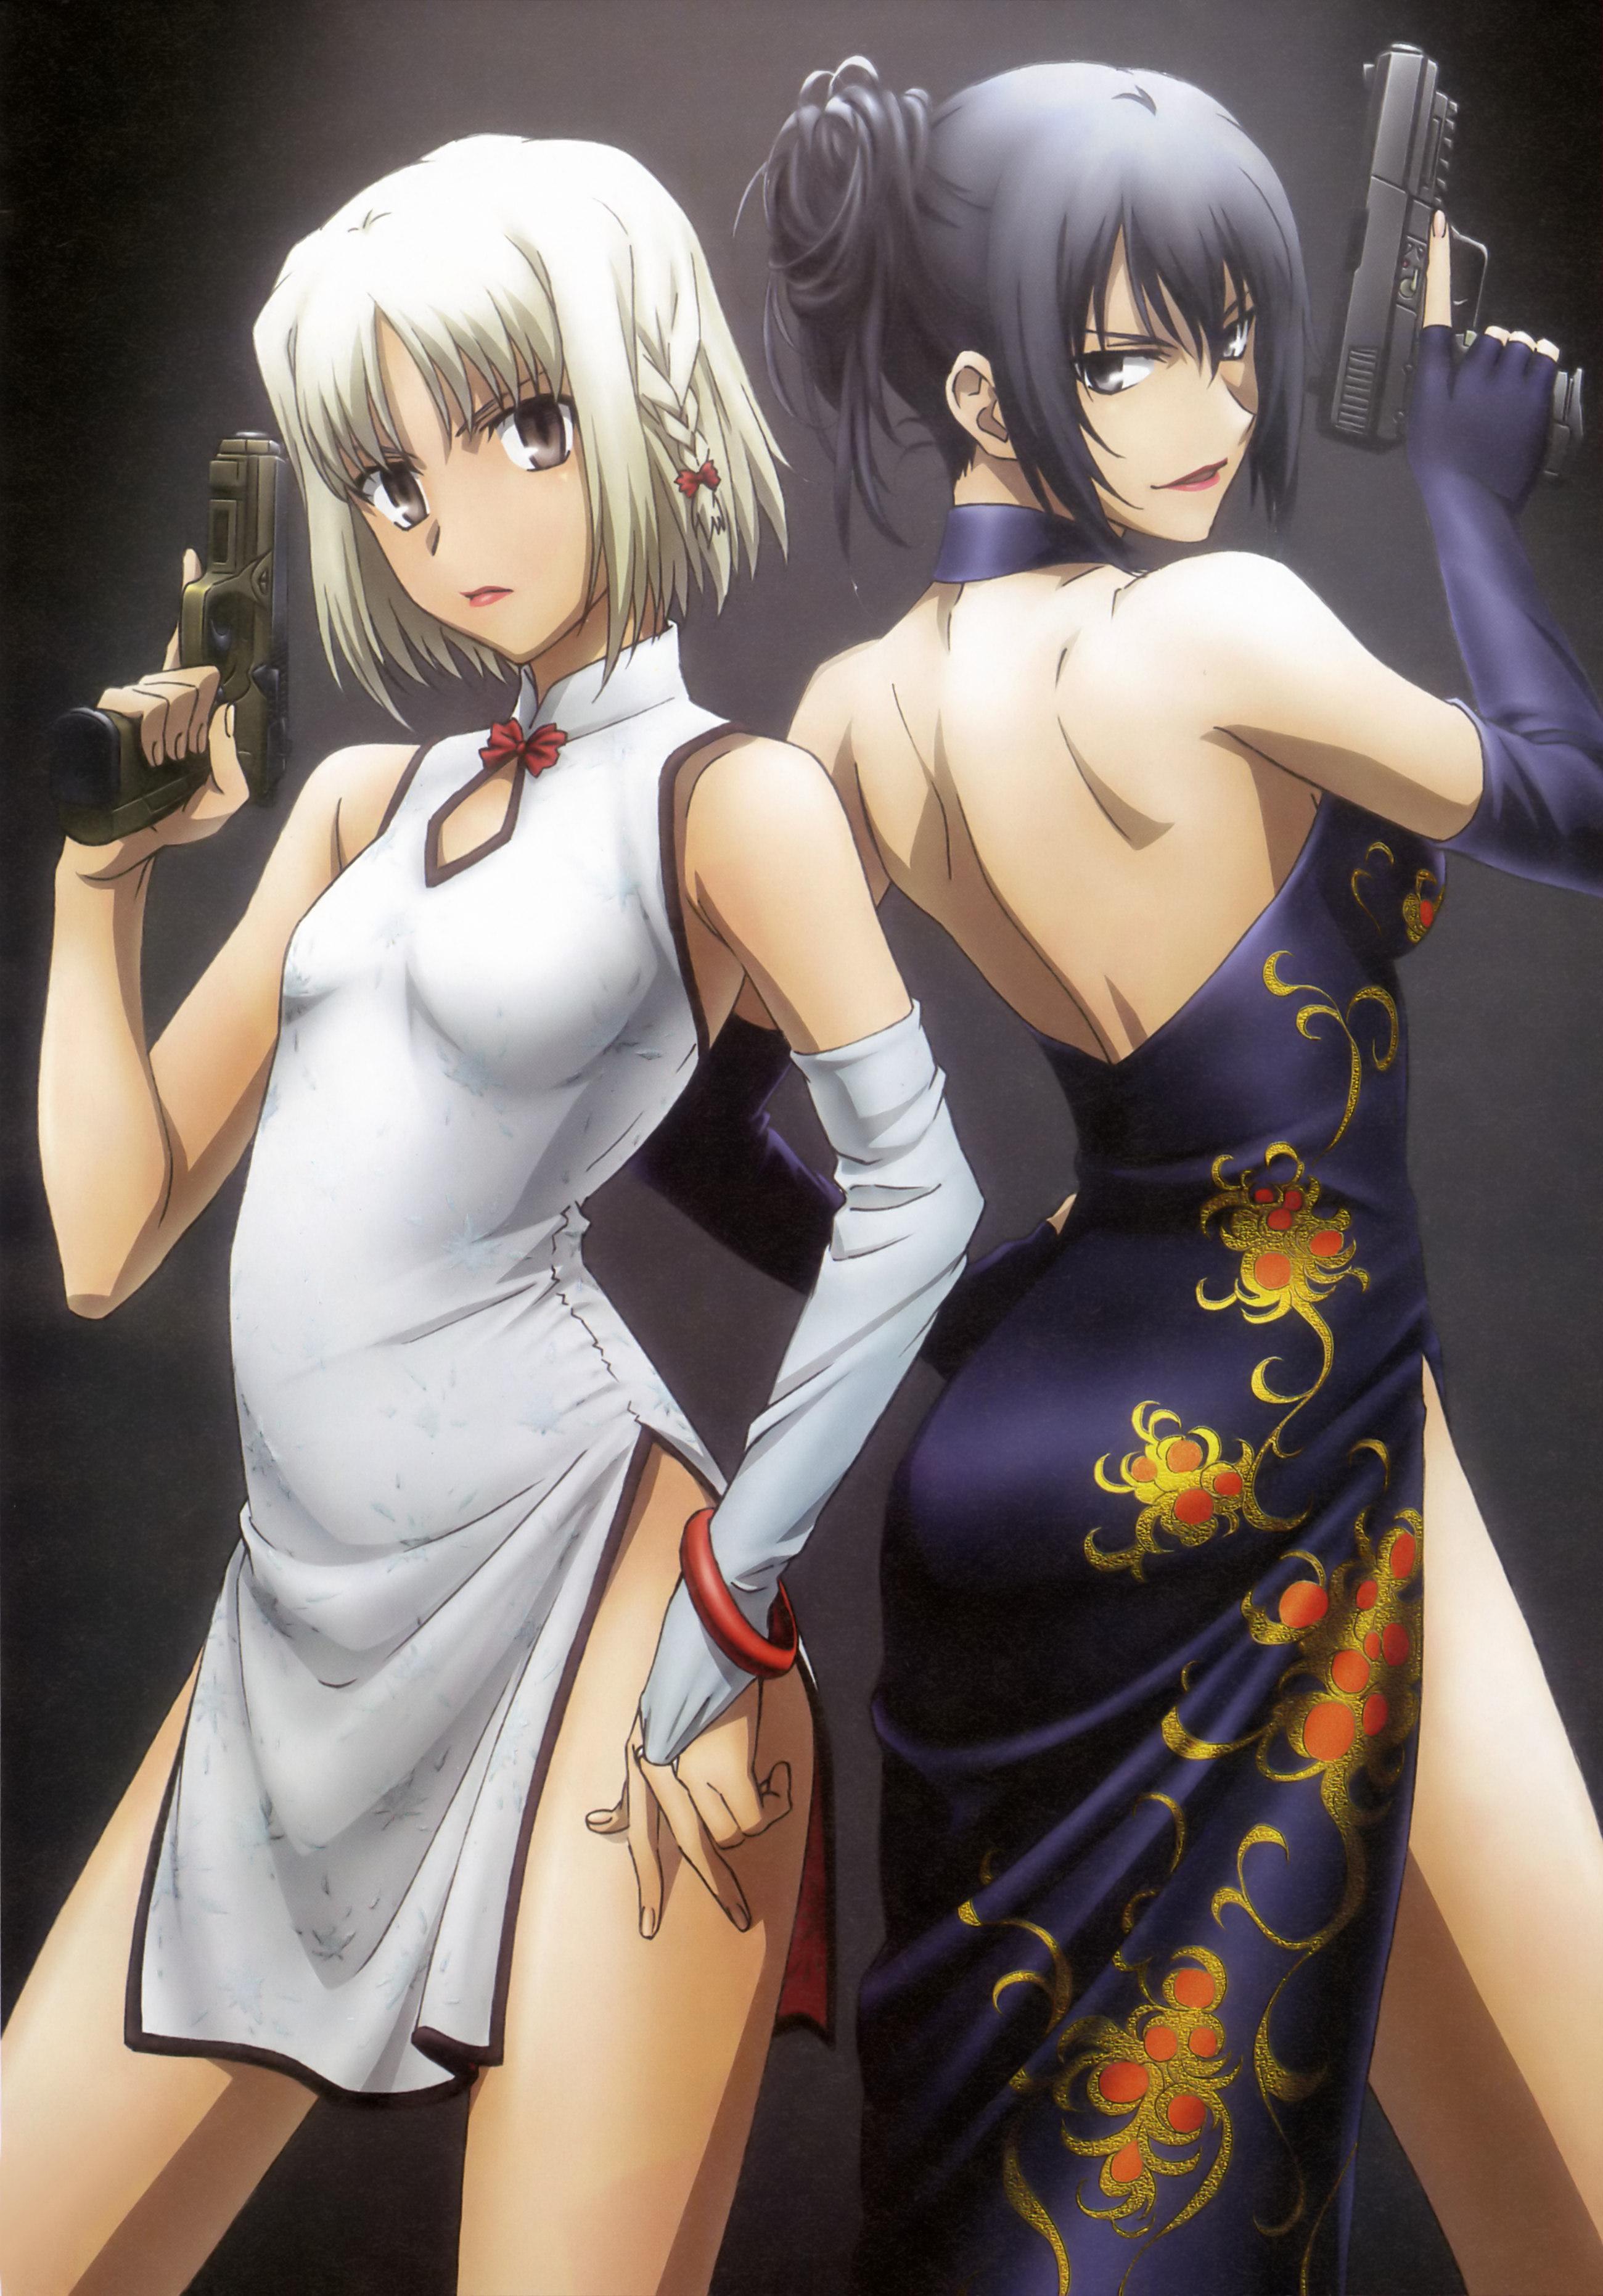 Brunettes girls with guns canaan handguns anime girls ...